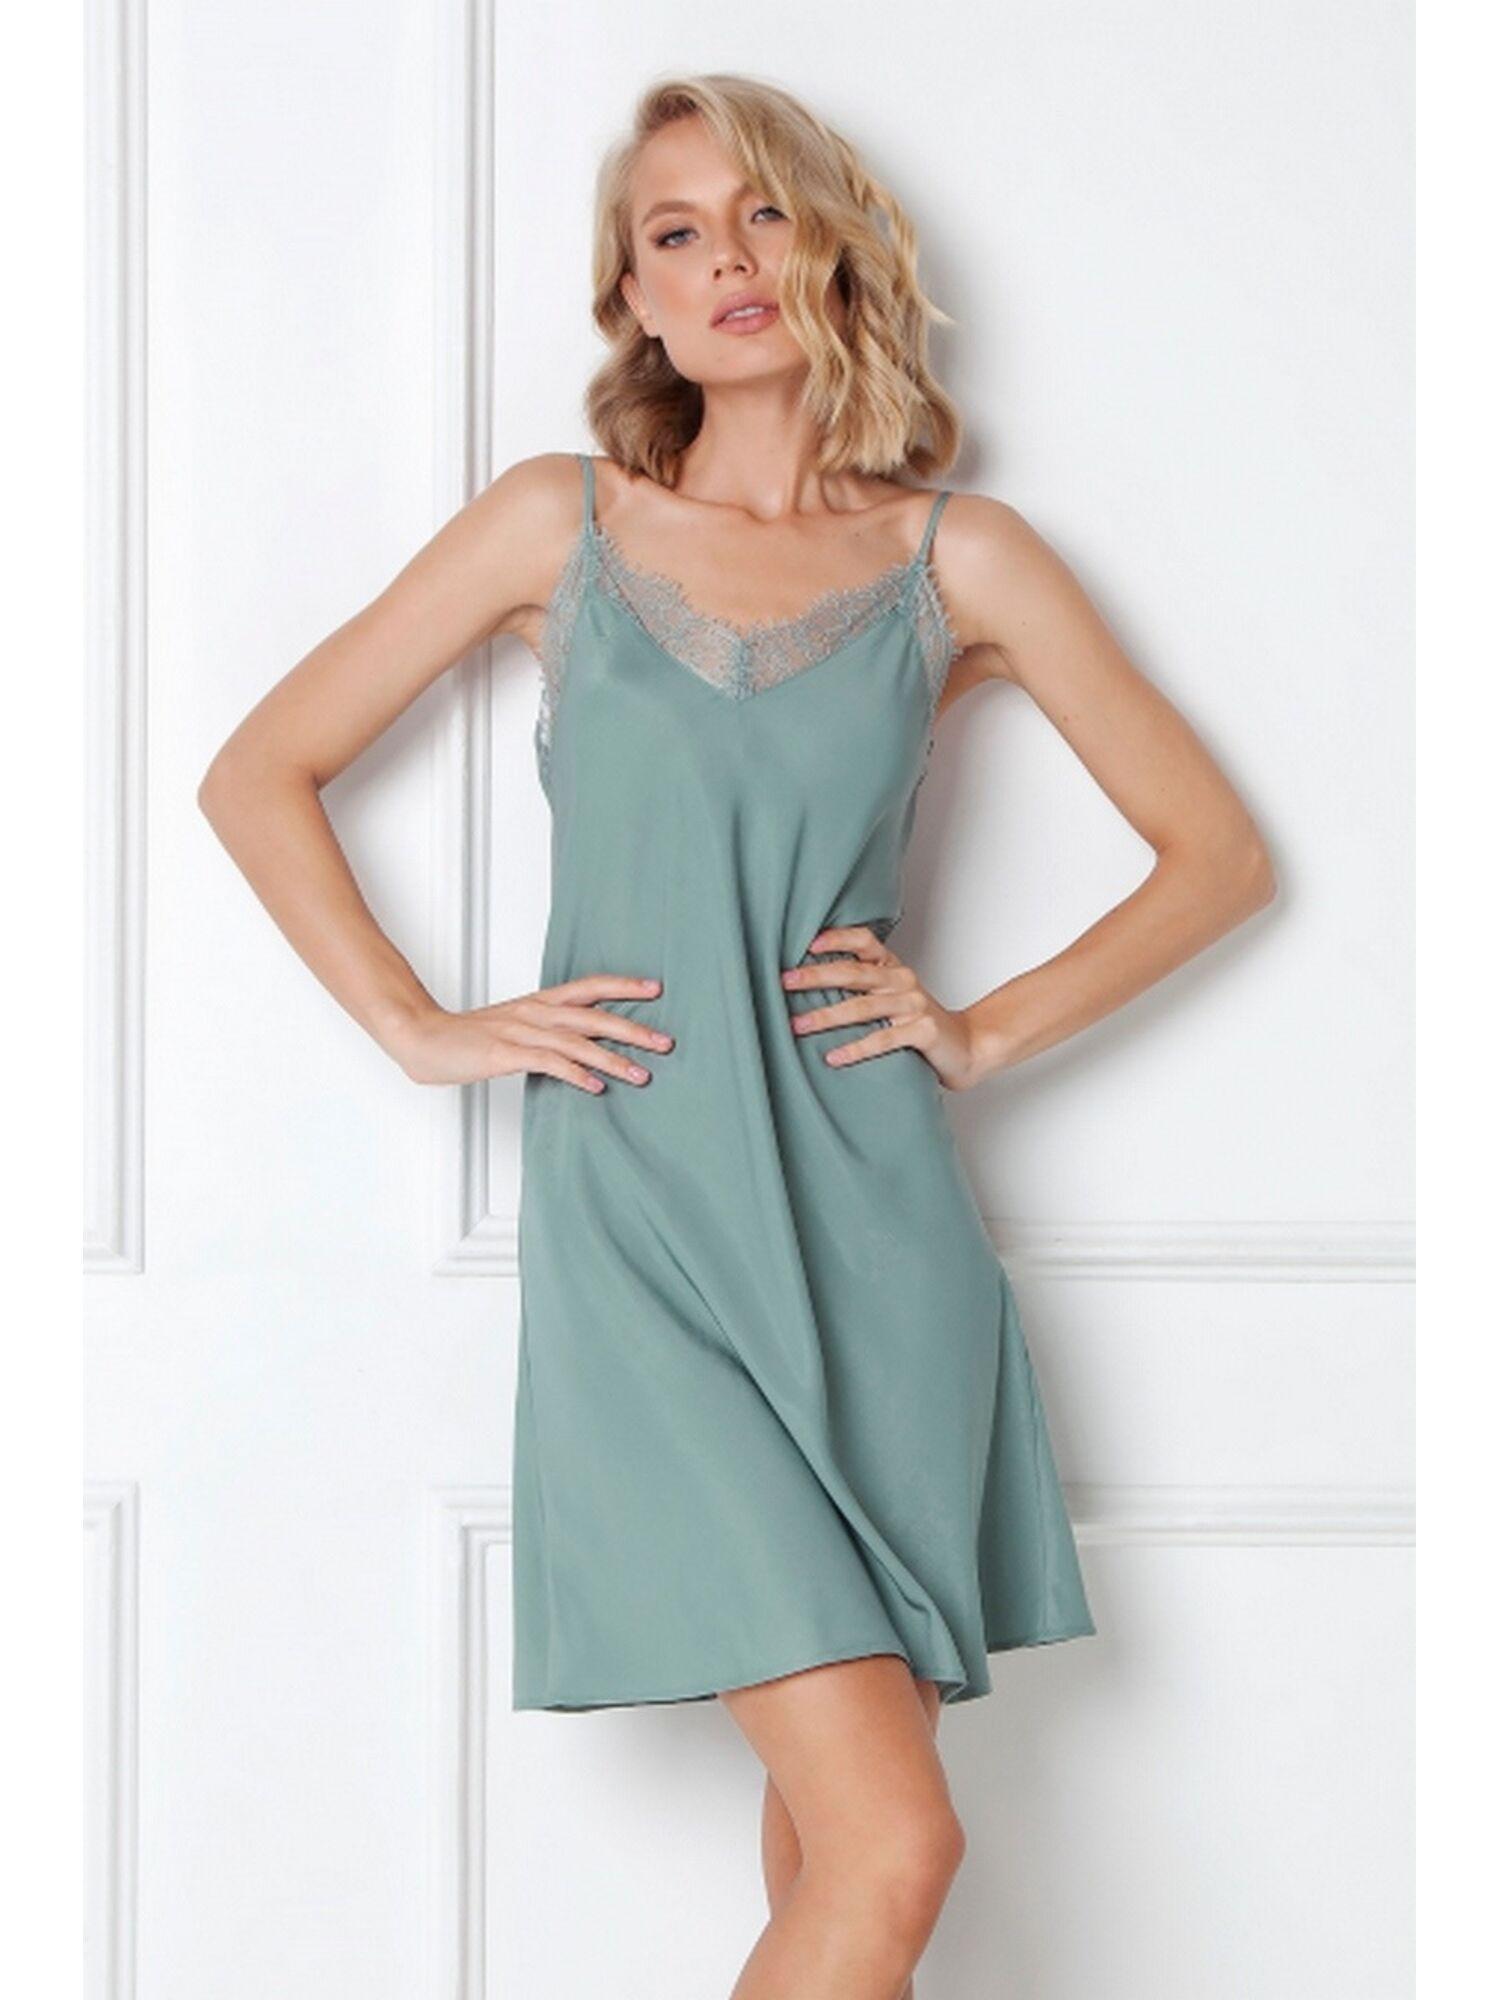 Сорочка женская EMERY, зелёный, ARUELLE